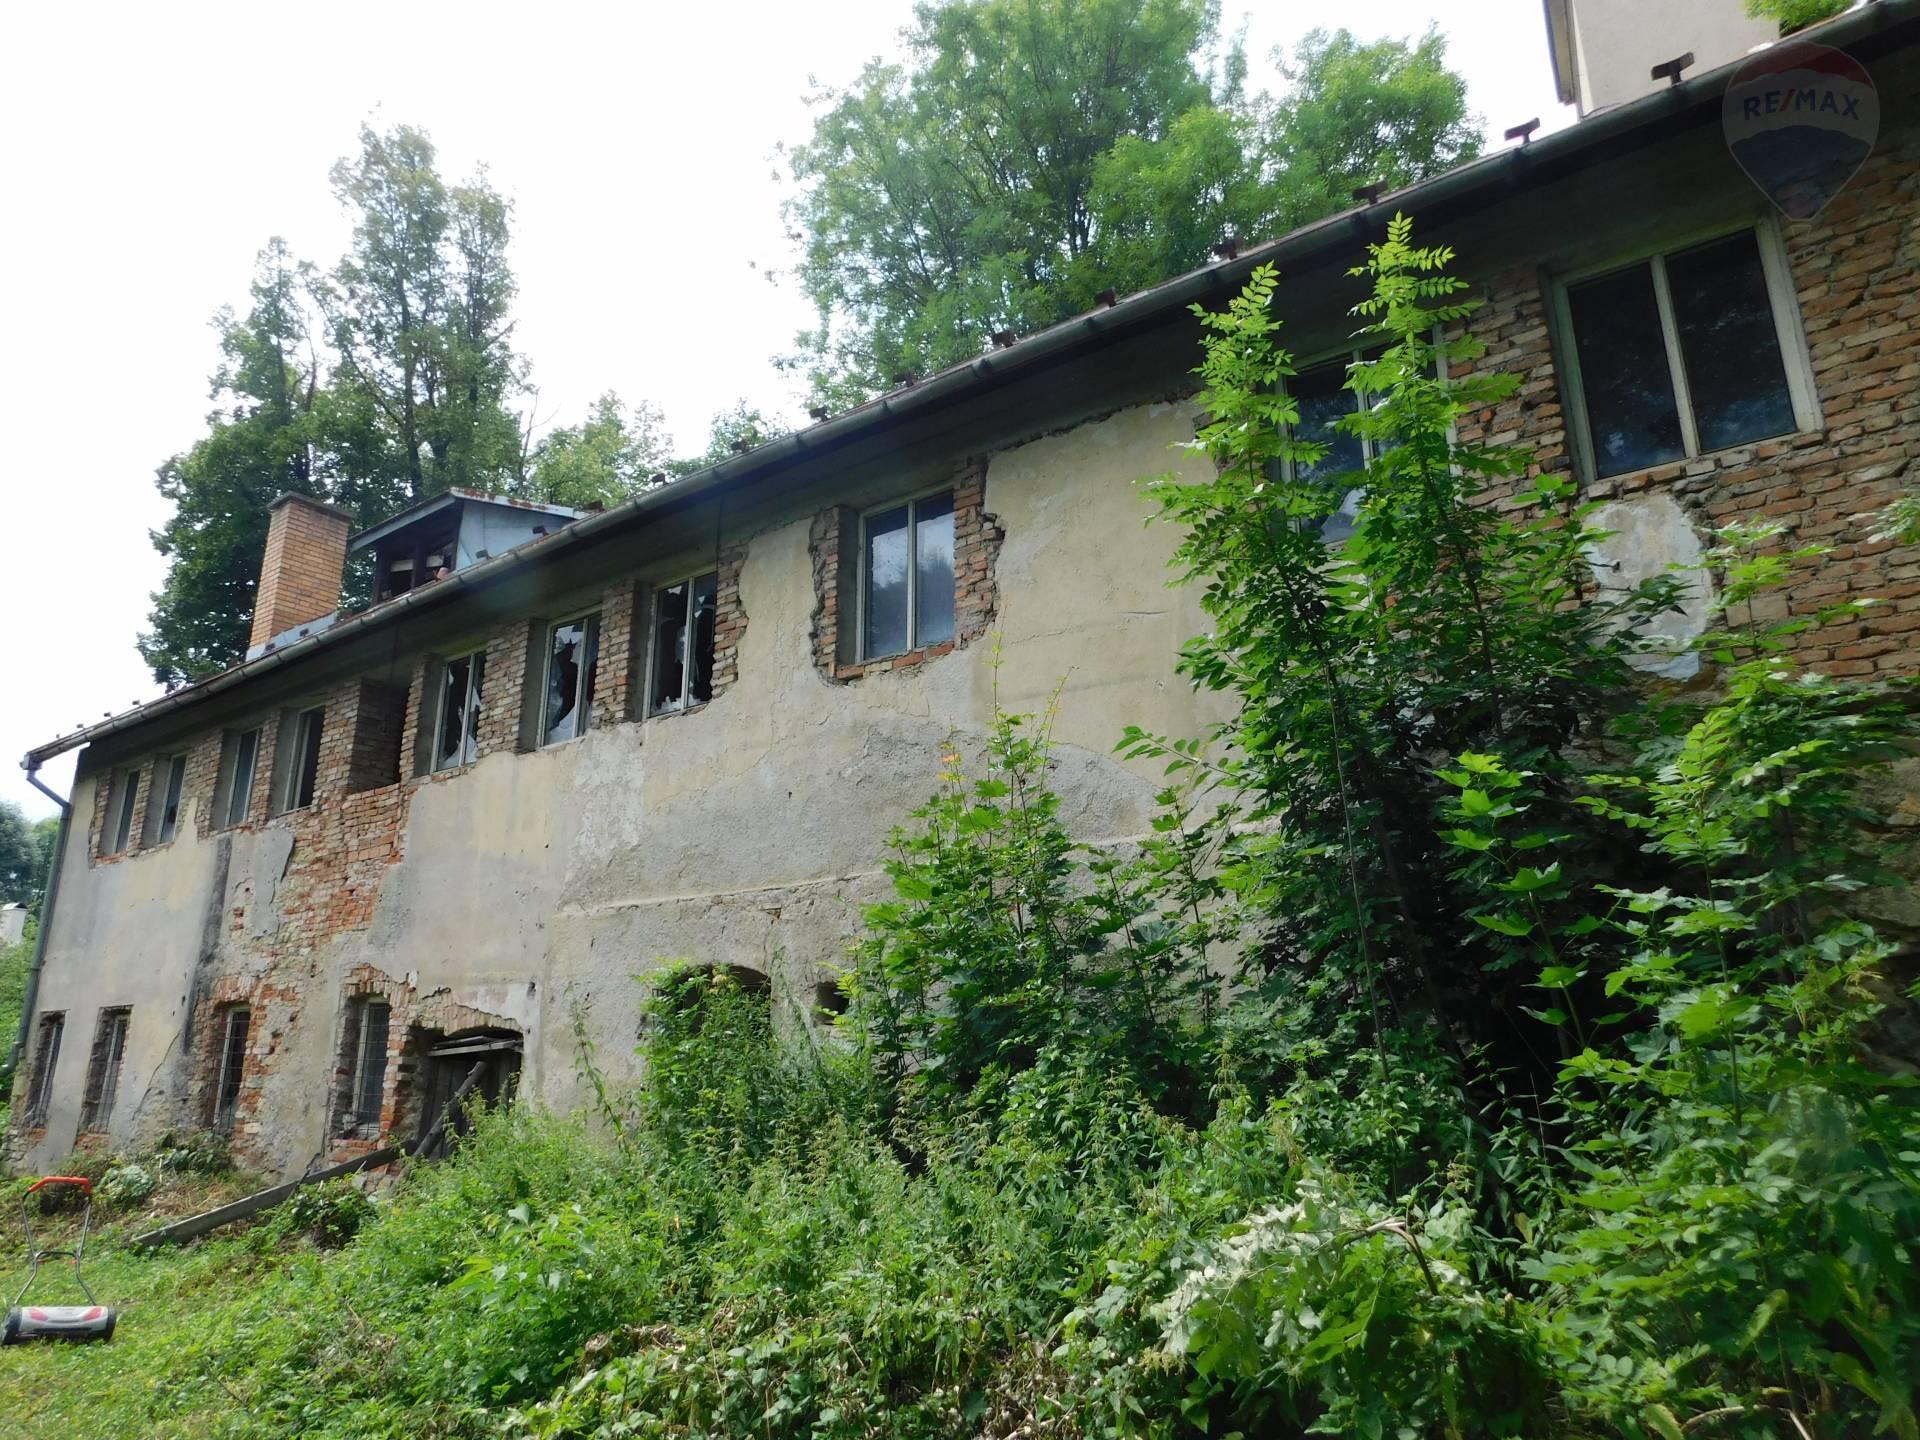 Predaj domu s rozľahlým pozemkom - Banská Bystrica